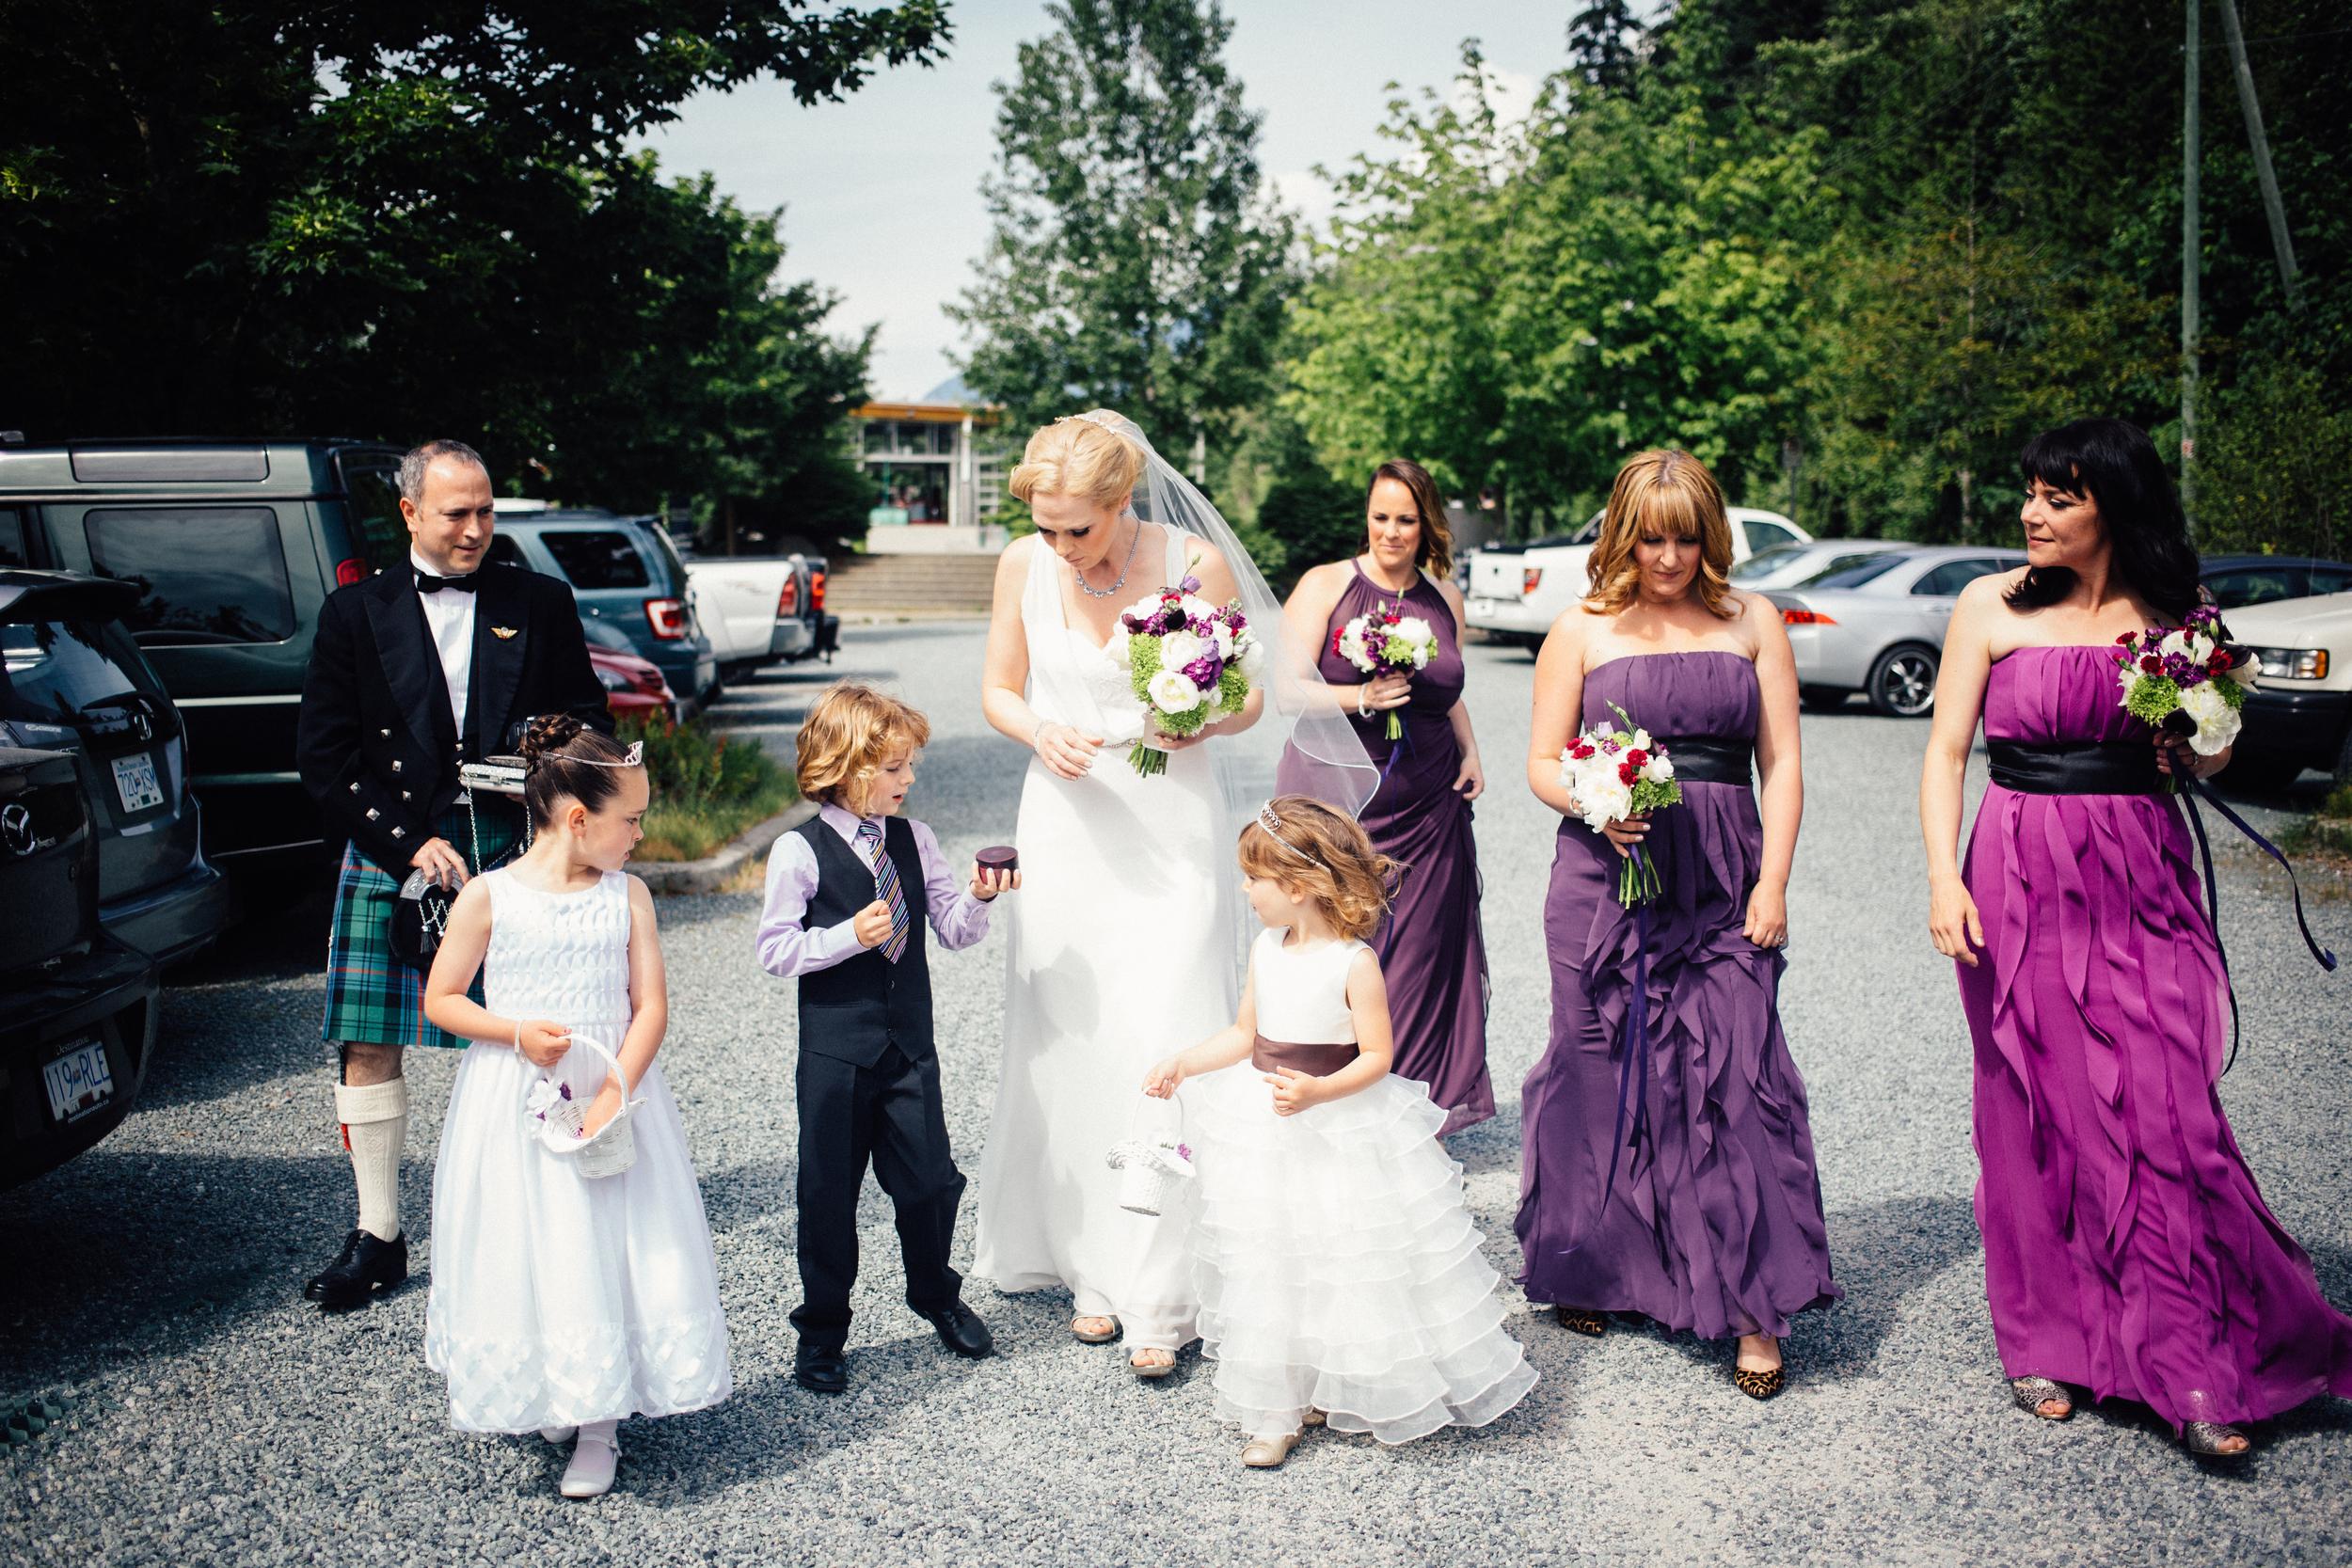 dogwoodphotography_photographer_vancouver_wedding_kimberley (14 of 180).jpg